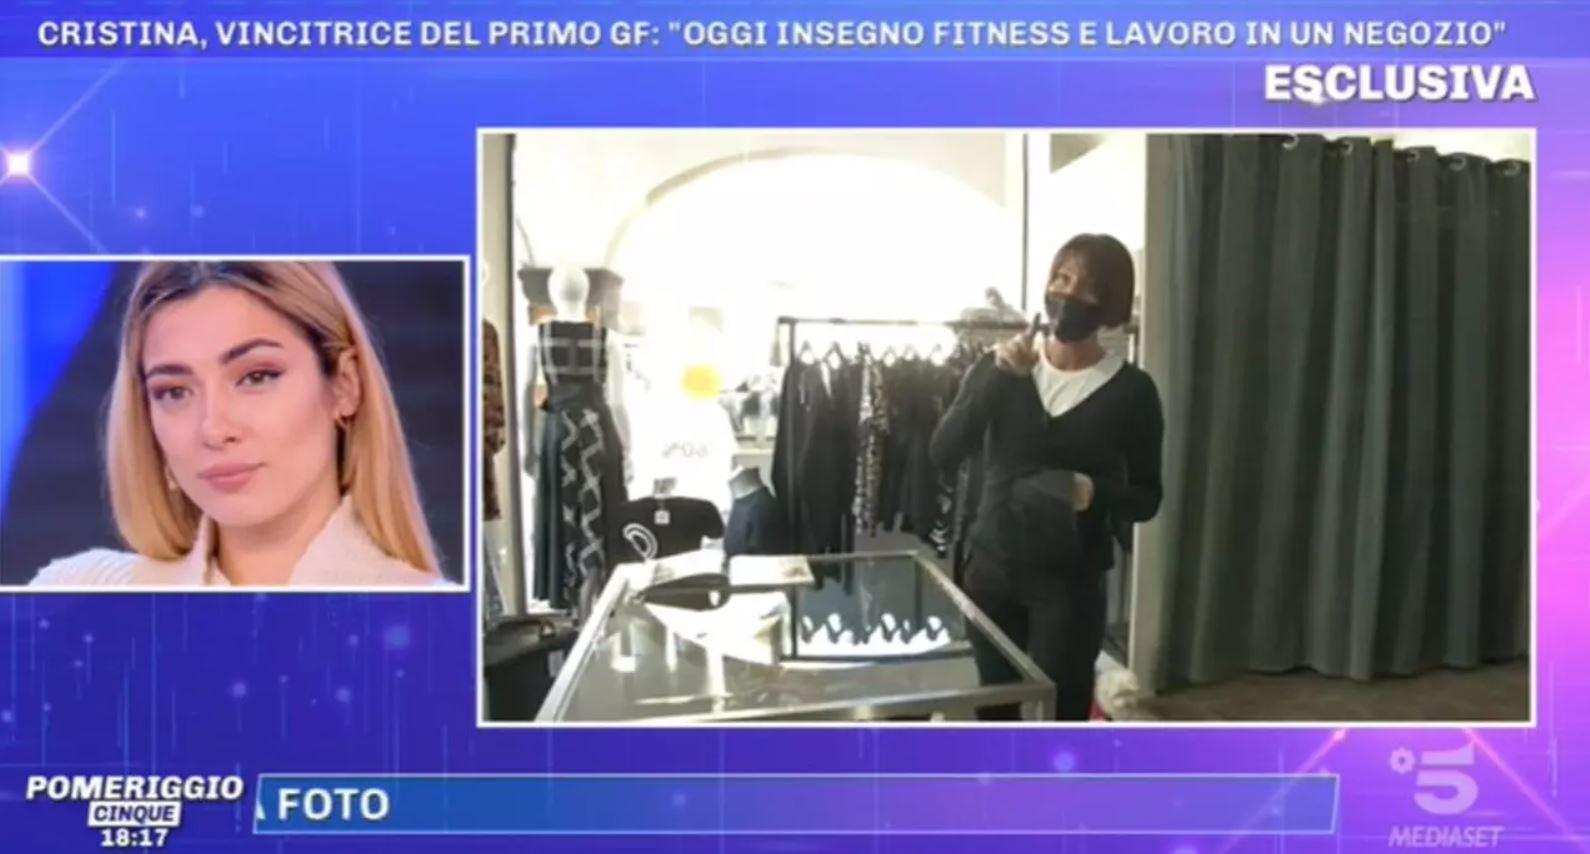 Pomeriggio 5: Cristina Plevani, prima vincitrice del GF, ecco che fine ha fatto